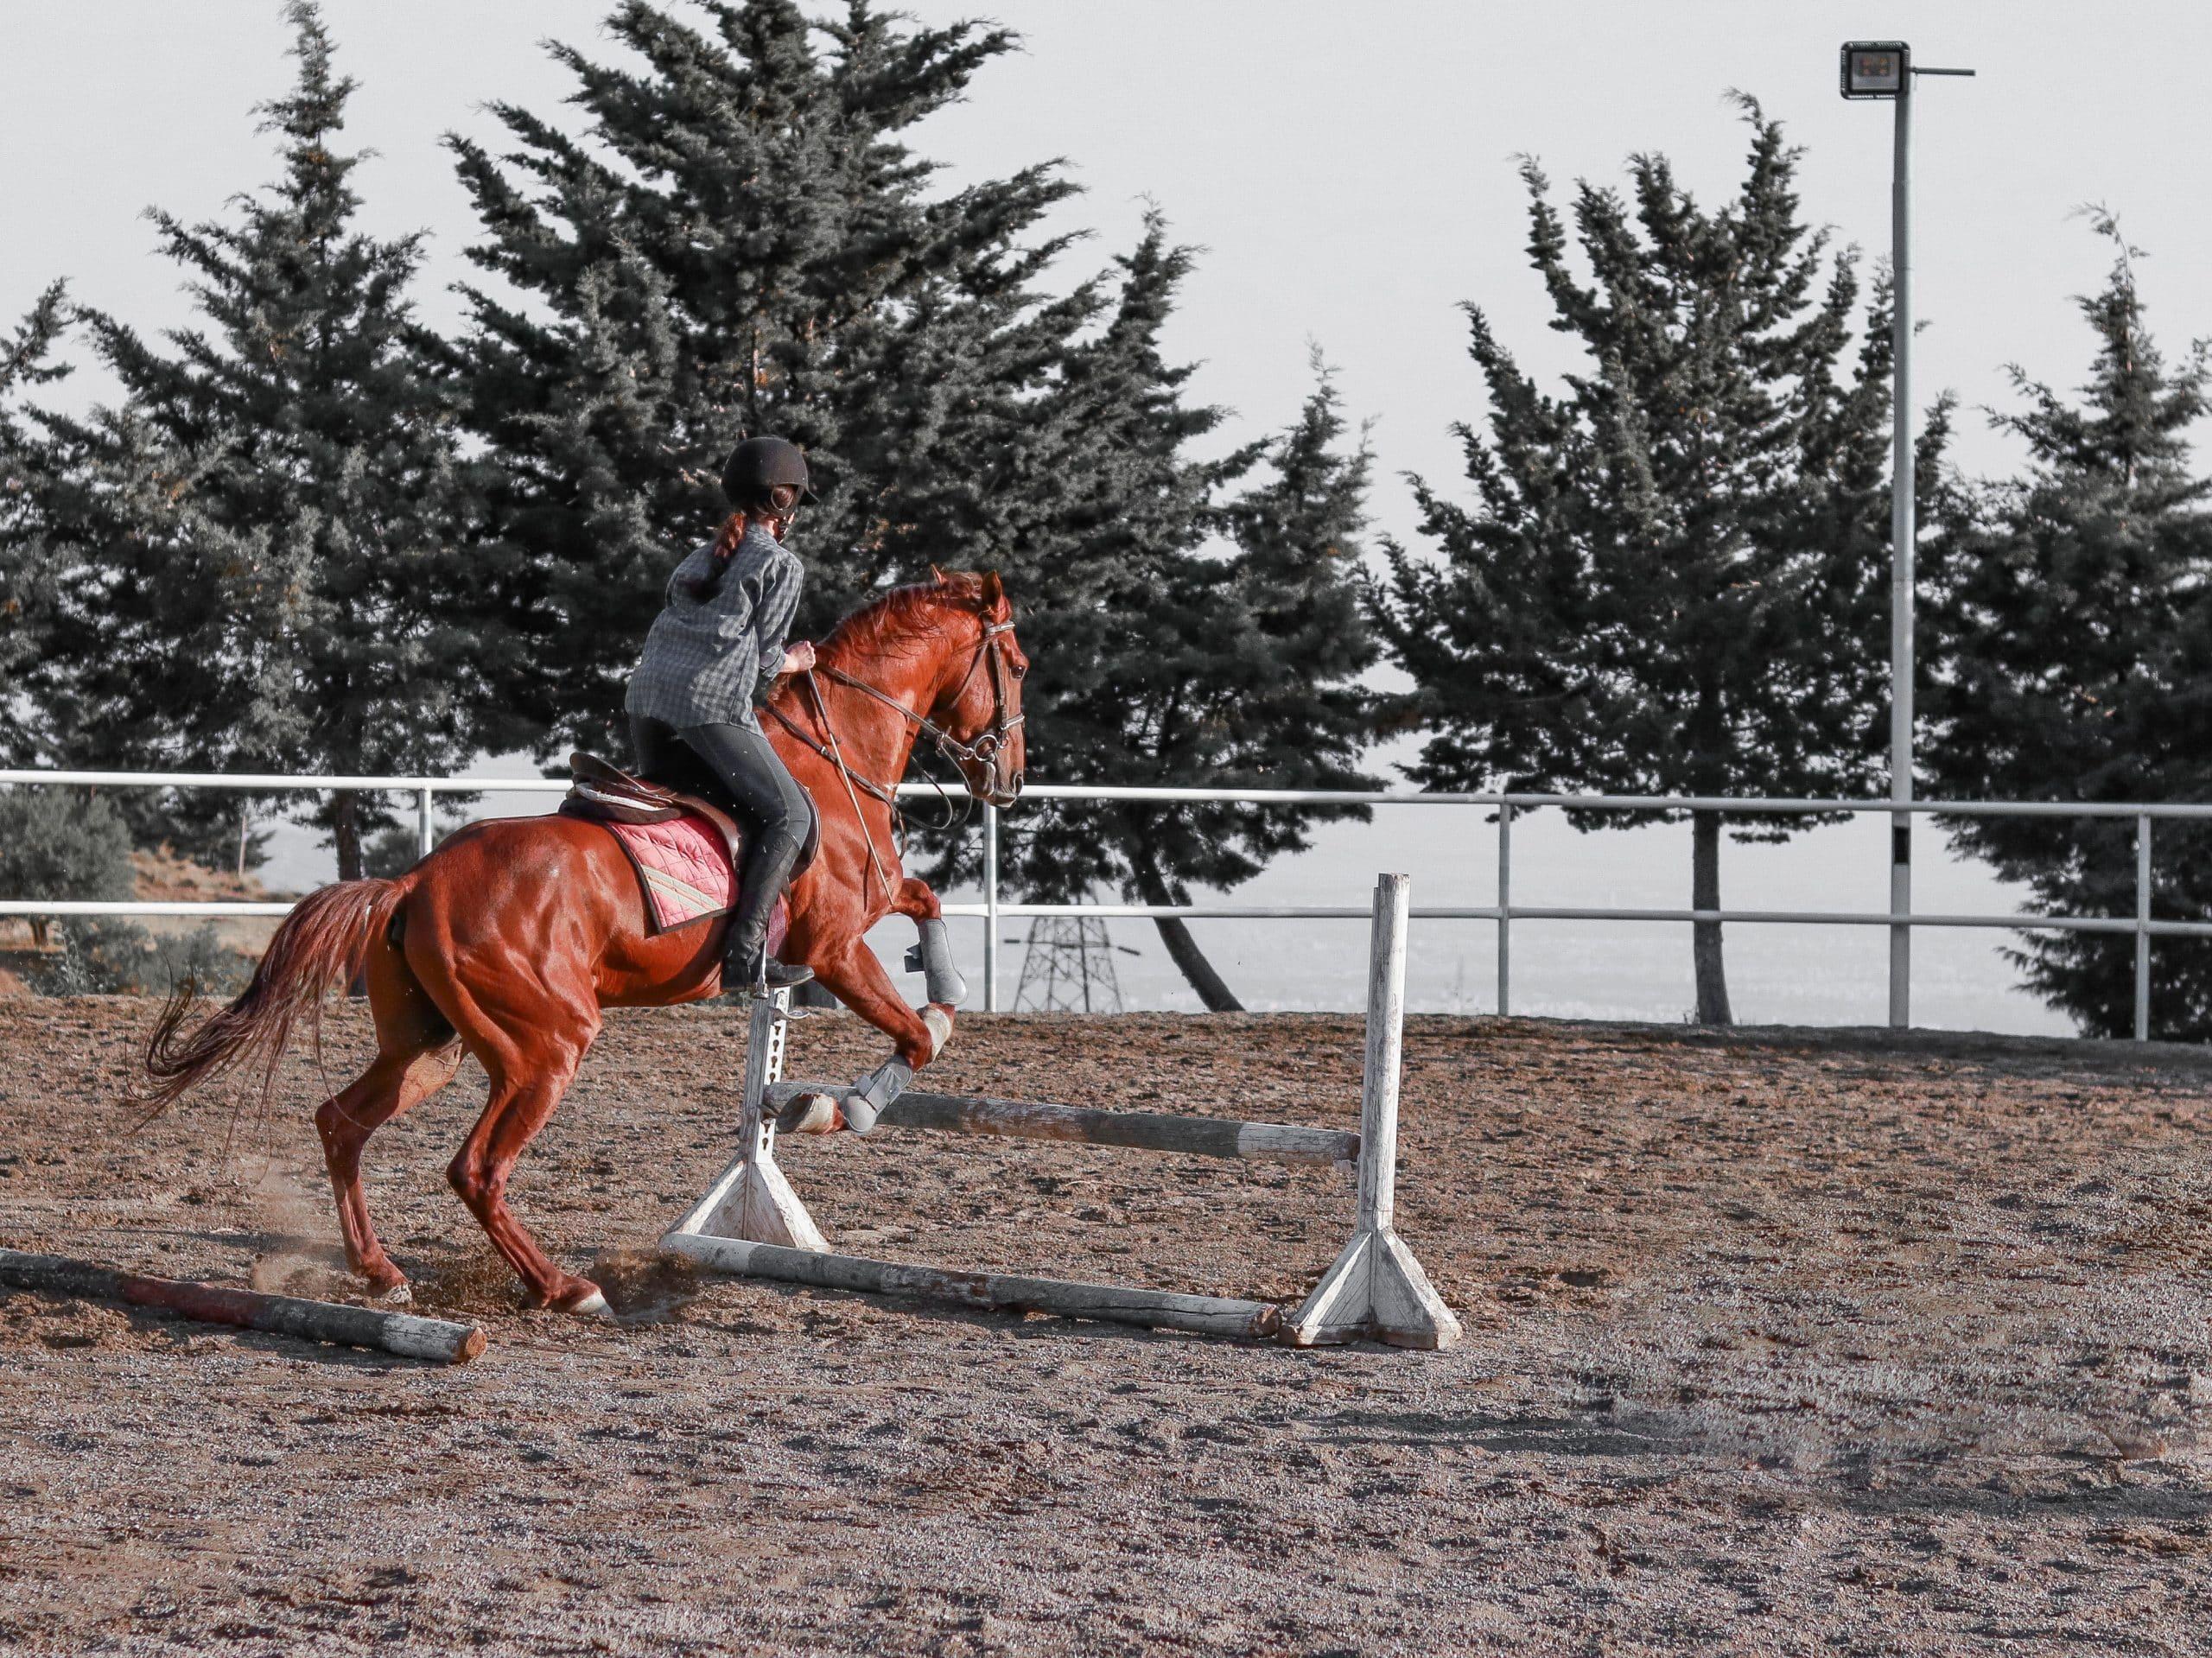 夏競馬で牝馬が活躍する3つの理由